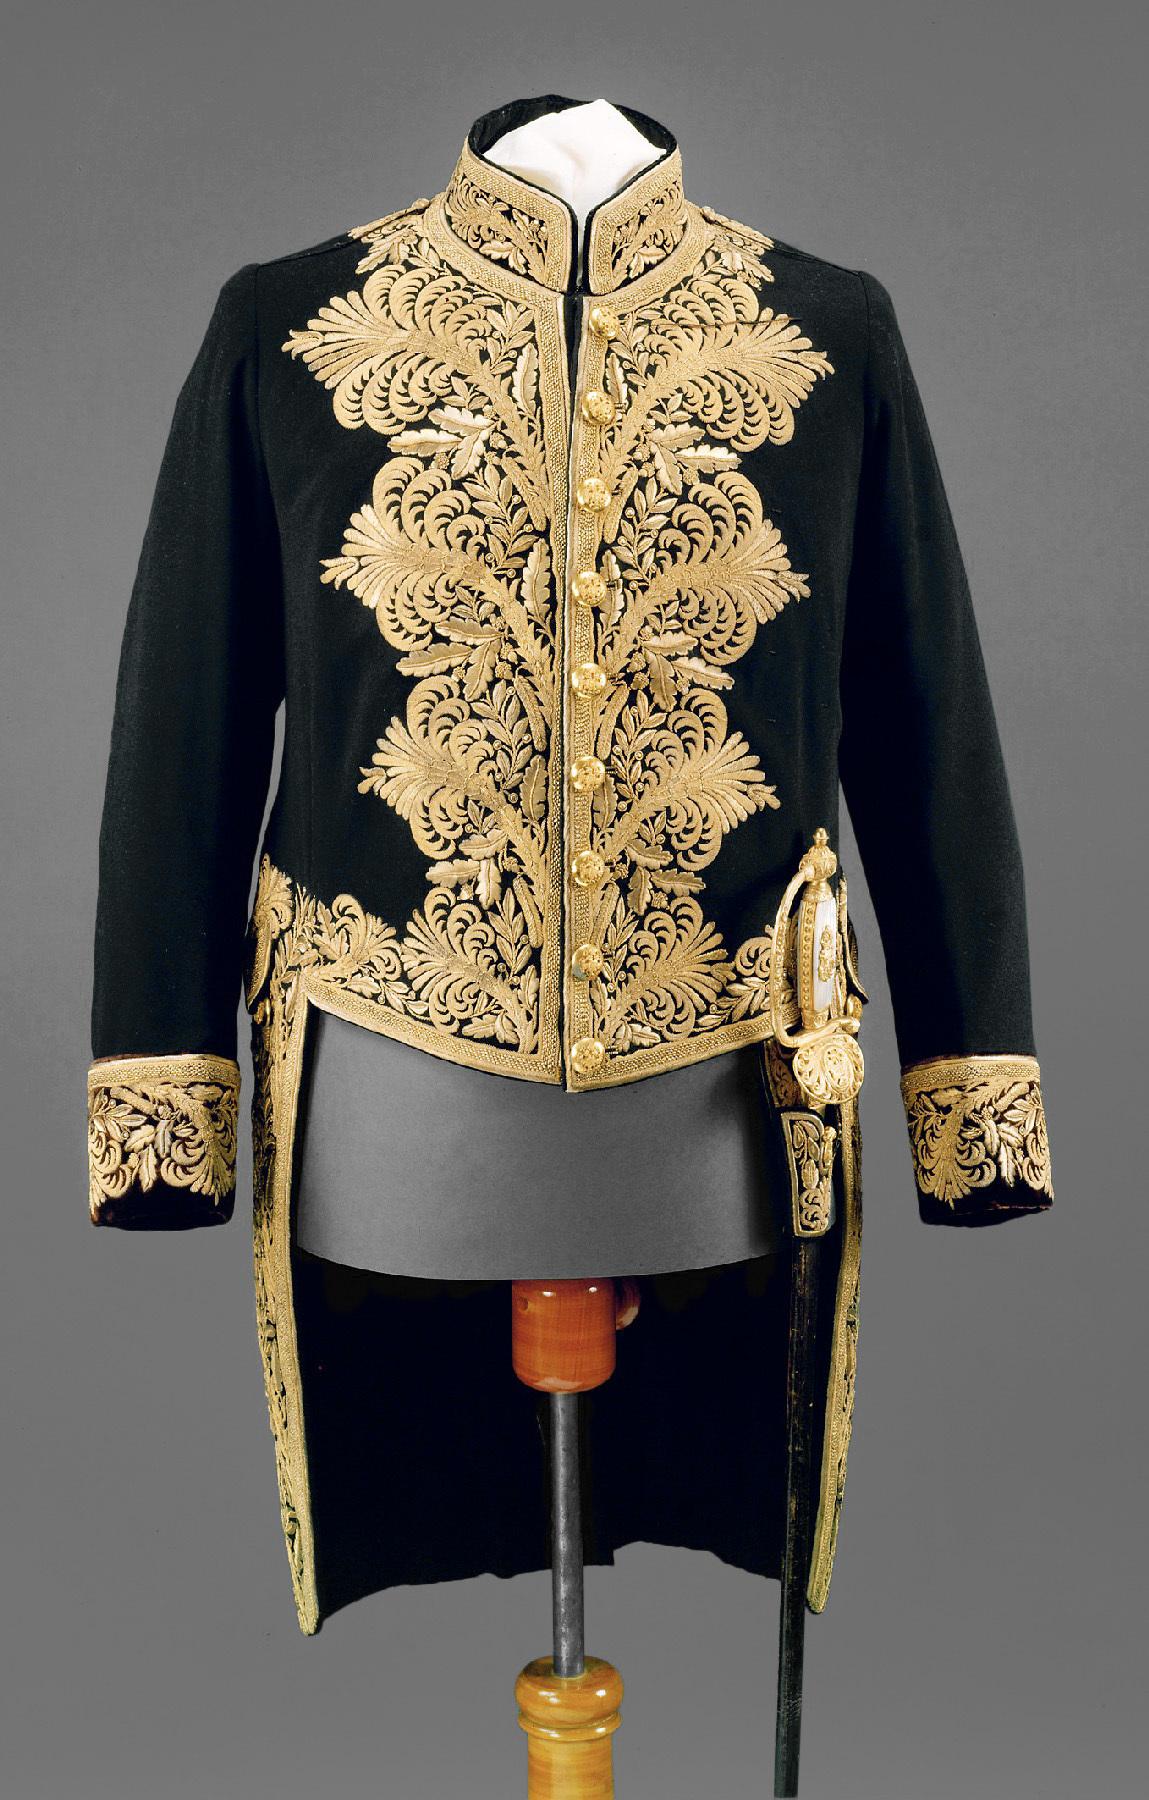 Gala-Uniform eines k. u. k. Geheimen Rates von Anton Uzel & Sohn